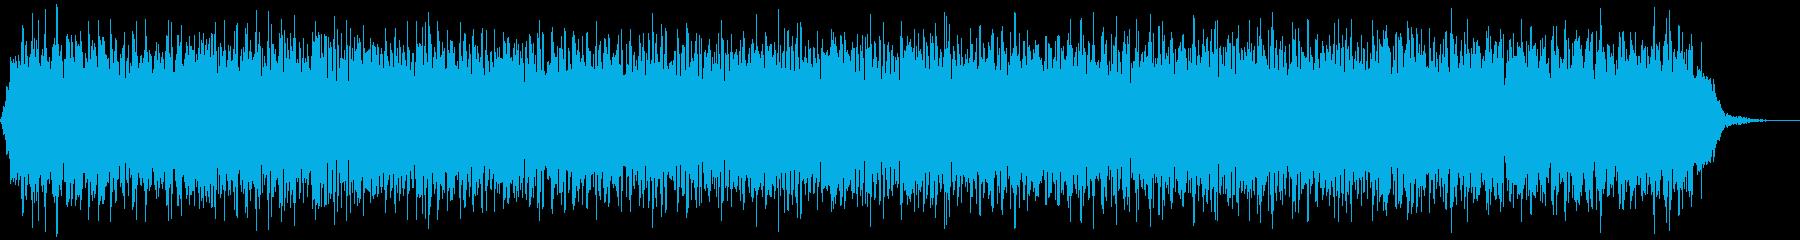 【アンビエント】ドローン_14 実験音の再生済みの波形